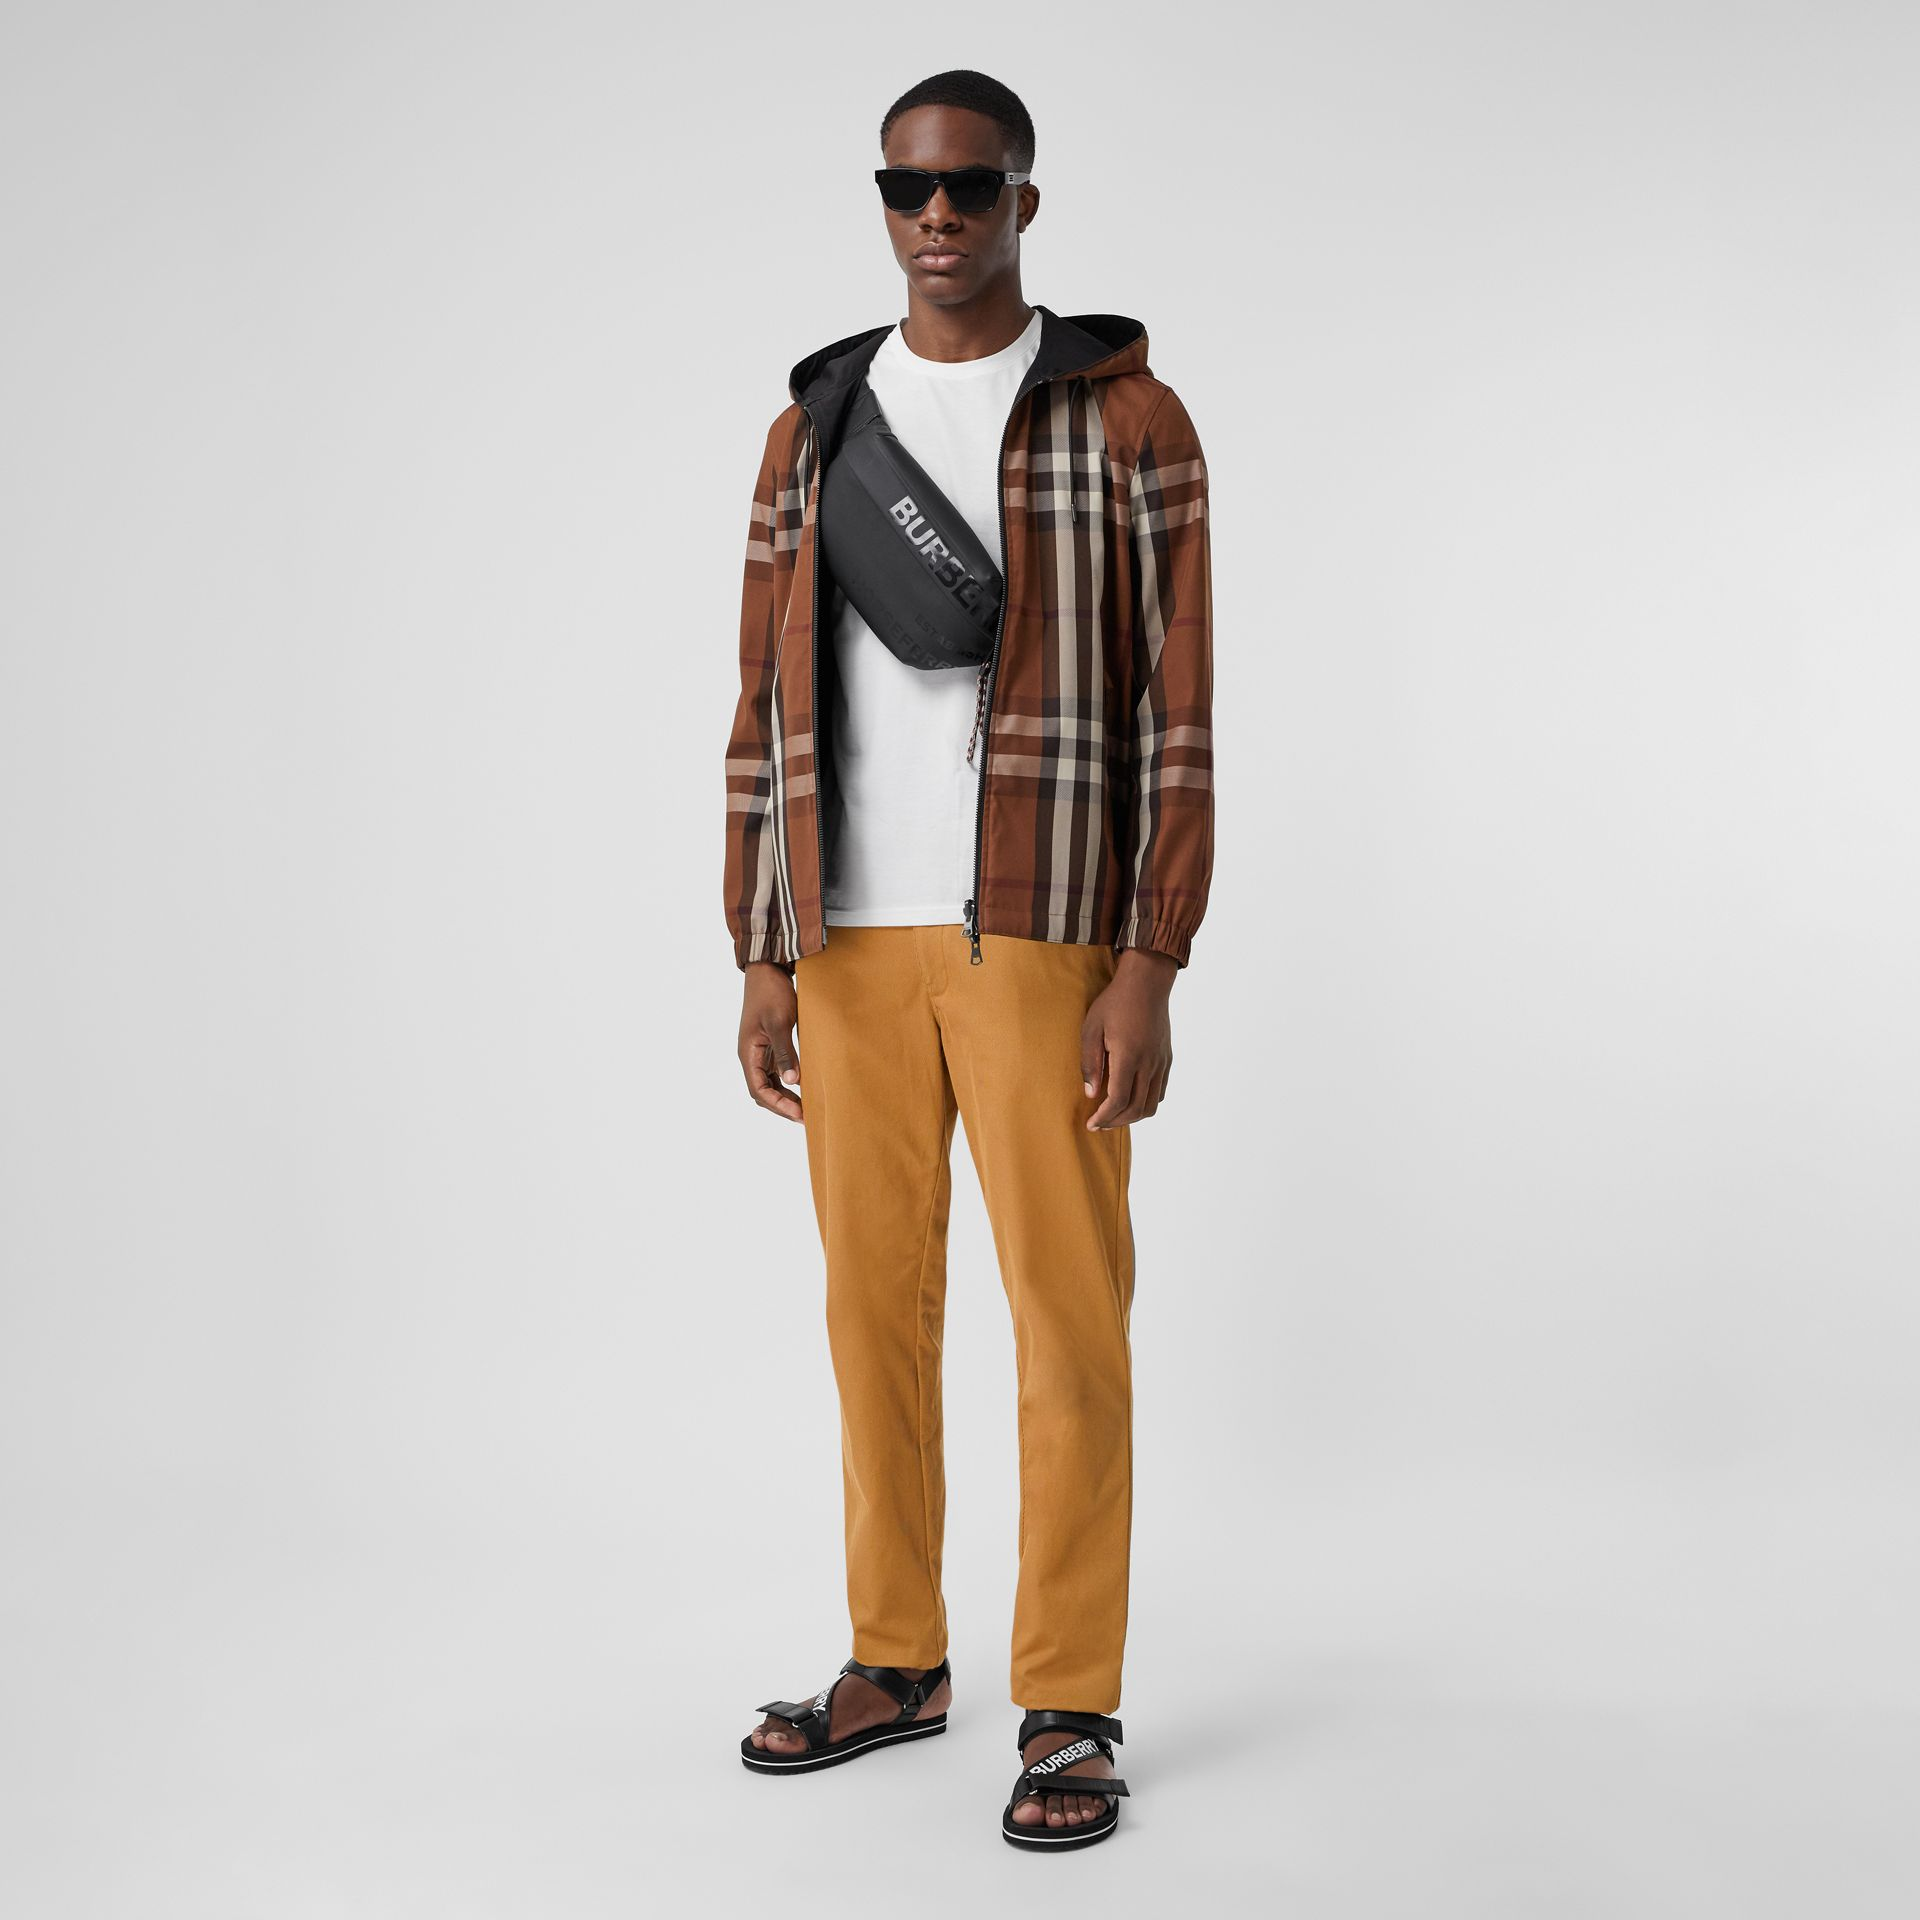 Pantalones chinos rectos en algodón con detalle de logotipo (Cámel) - Hombre | Burberry - imagen de la galería 0